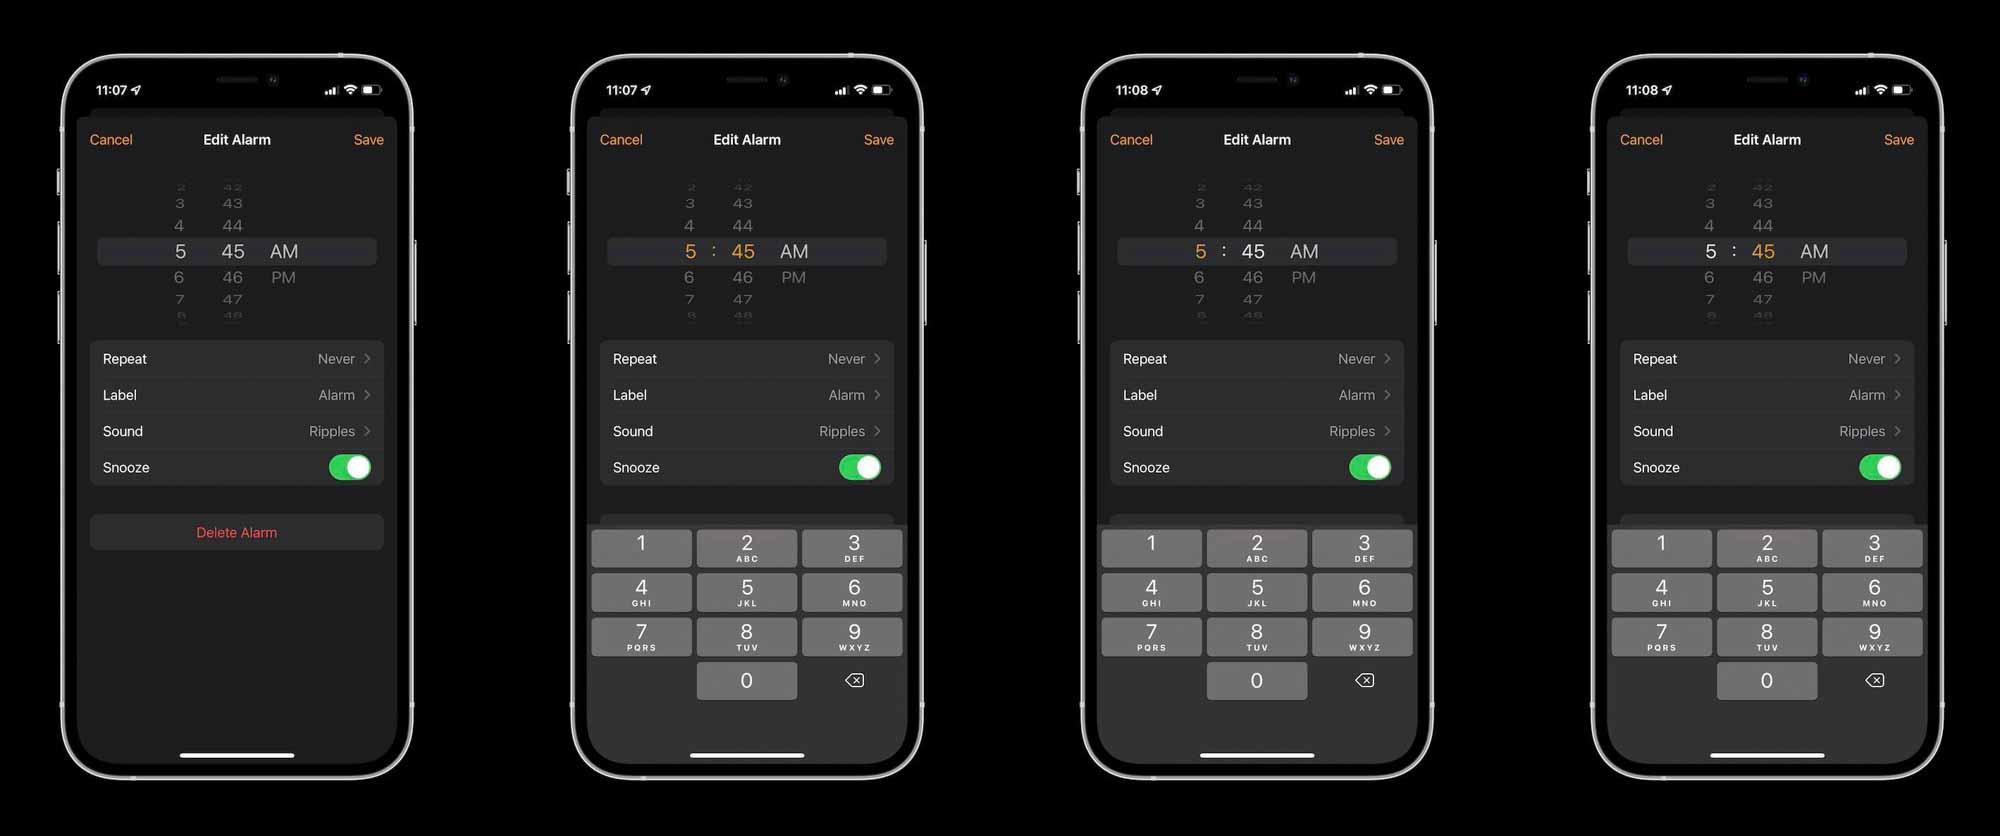 Средство выбора набора номера iOS 14 - гибридный дизайн iOS 13 и 14